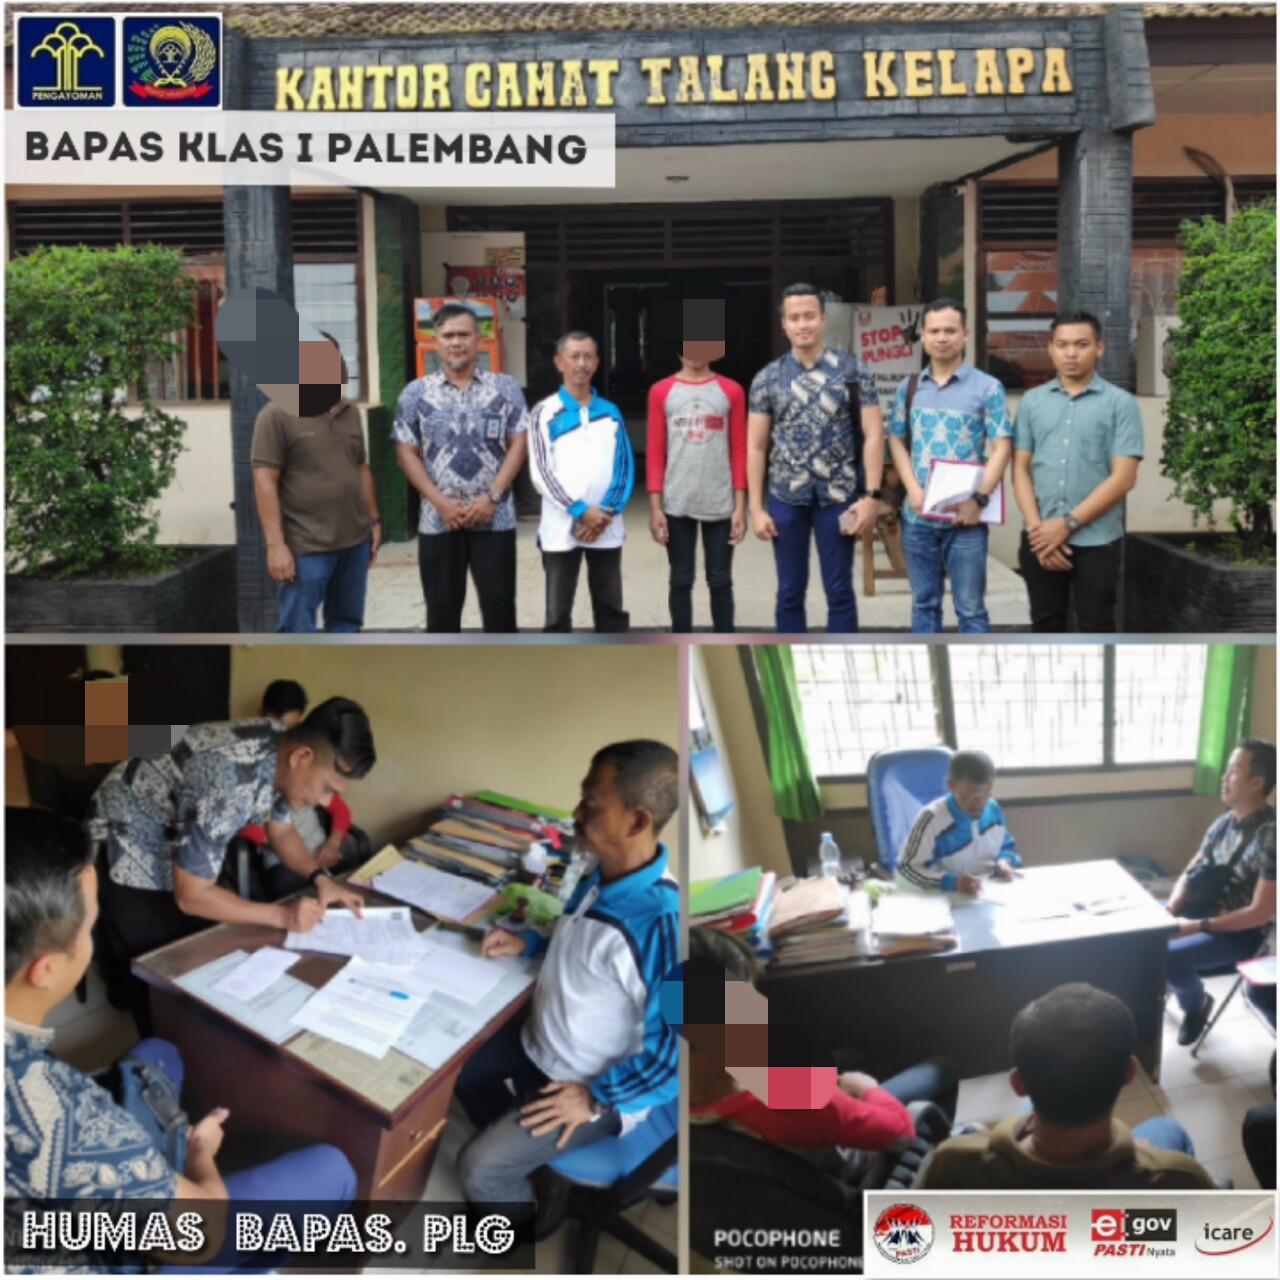 Pendampingan Diversi Abh Di Kantor Camat Talang Kelapa Balai Pemasyarakatan Kelas I Palembang